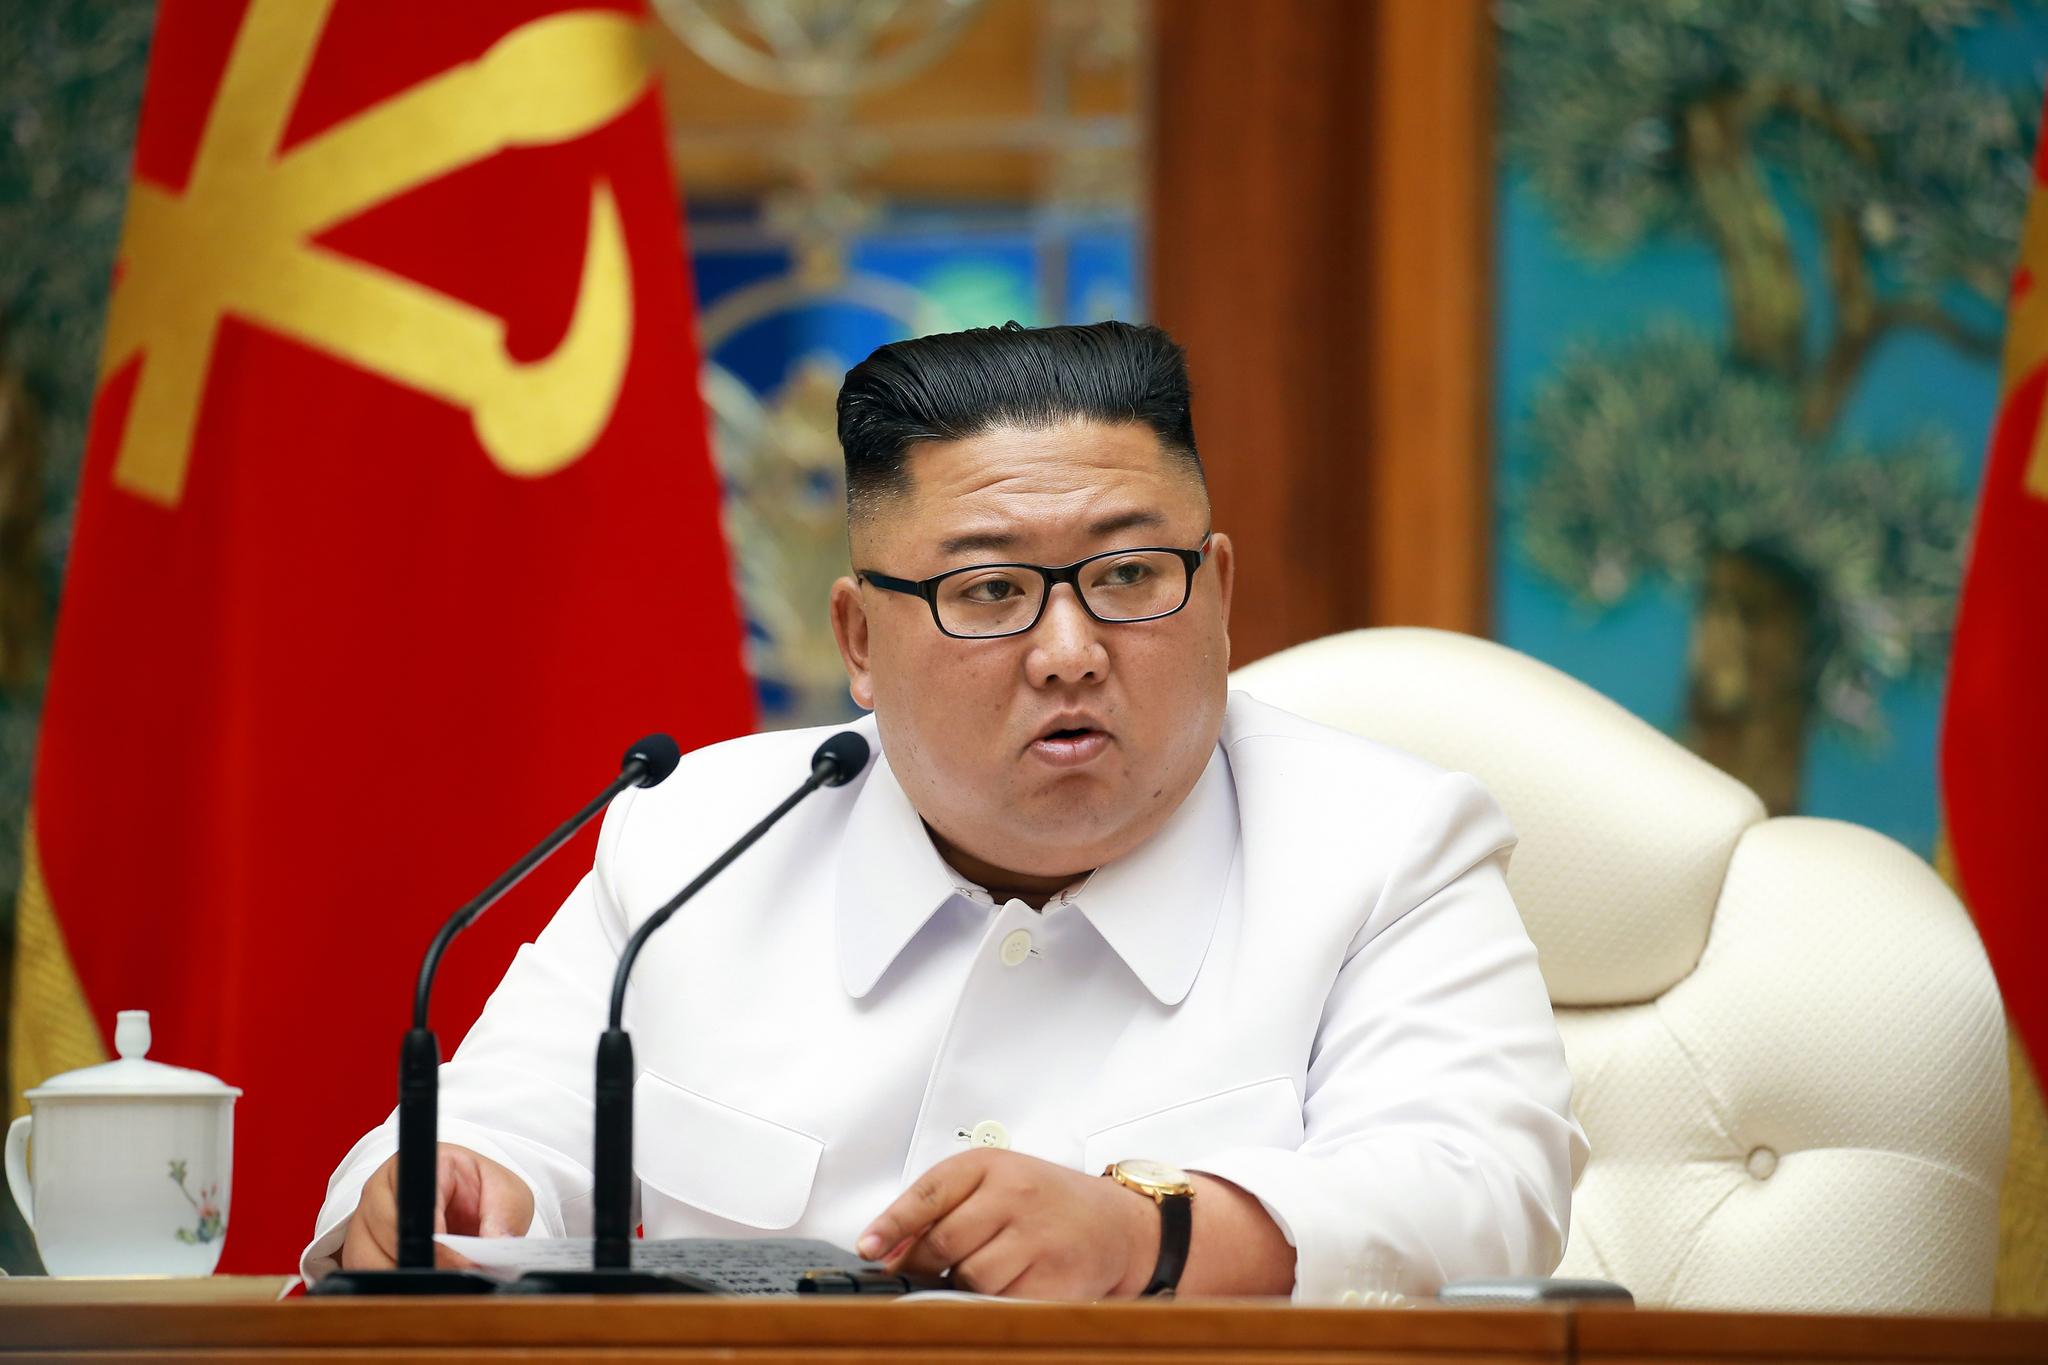 지난 25일 노동당 중앙위원회 정치국 비상확대회의를 긴급소집한 김정은 국무위원장의 모습. 연합뉴스